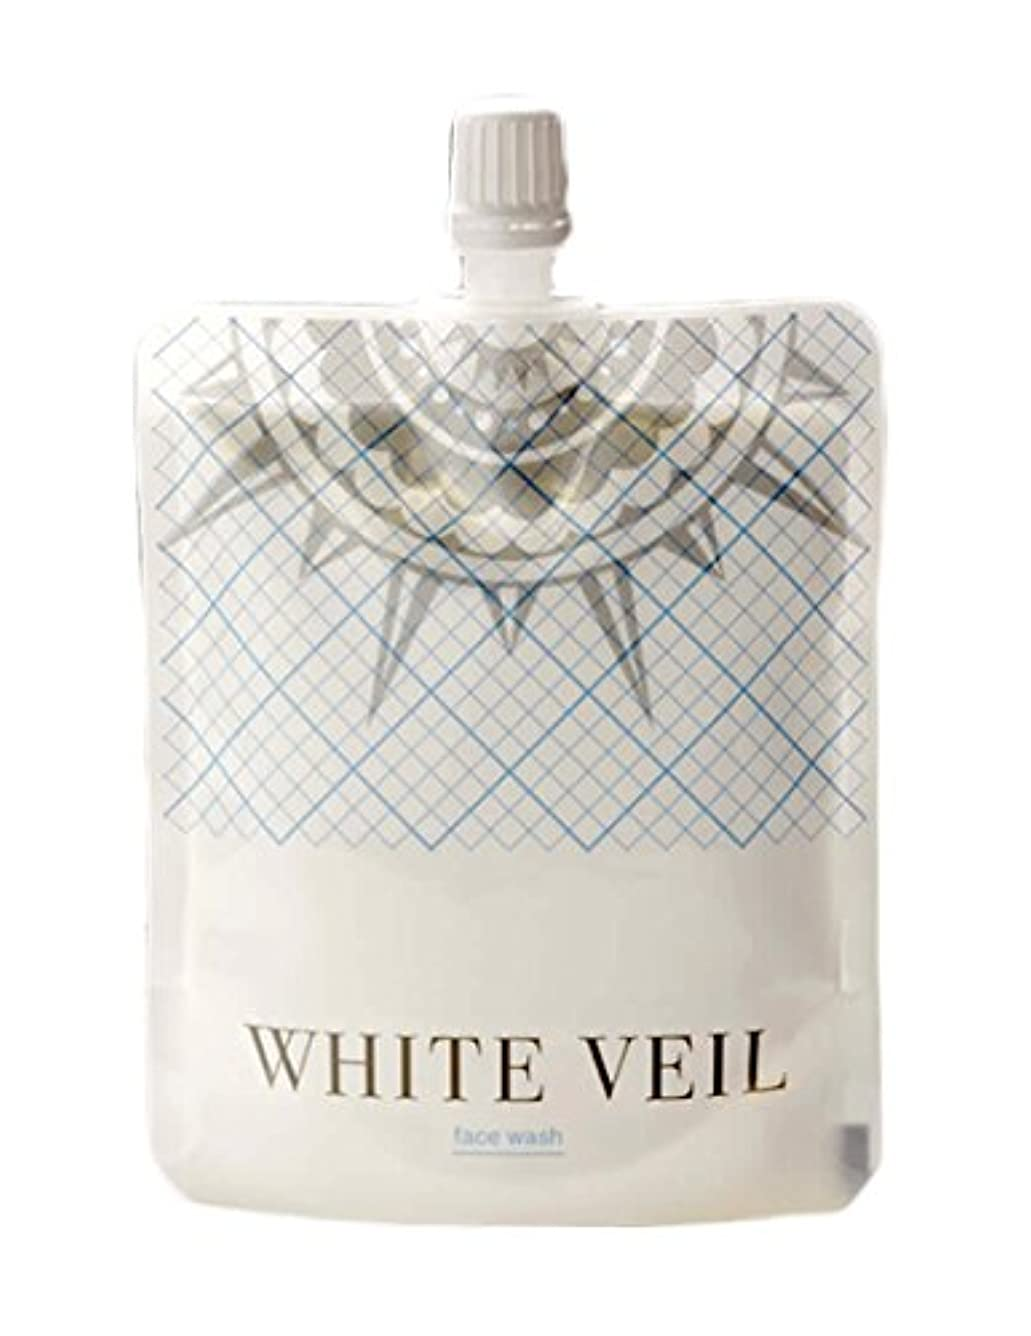 ピクニックサミュエルアーティストキラリズム ホワイトヴェール フェイスウォッシュ 白雪洗顔 110g (約2ヶ月分) 洗顔せっけん